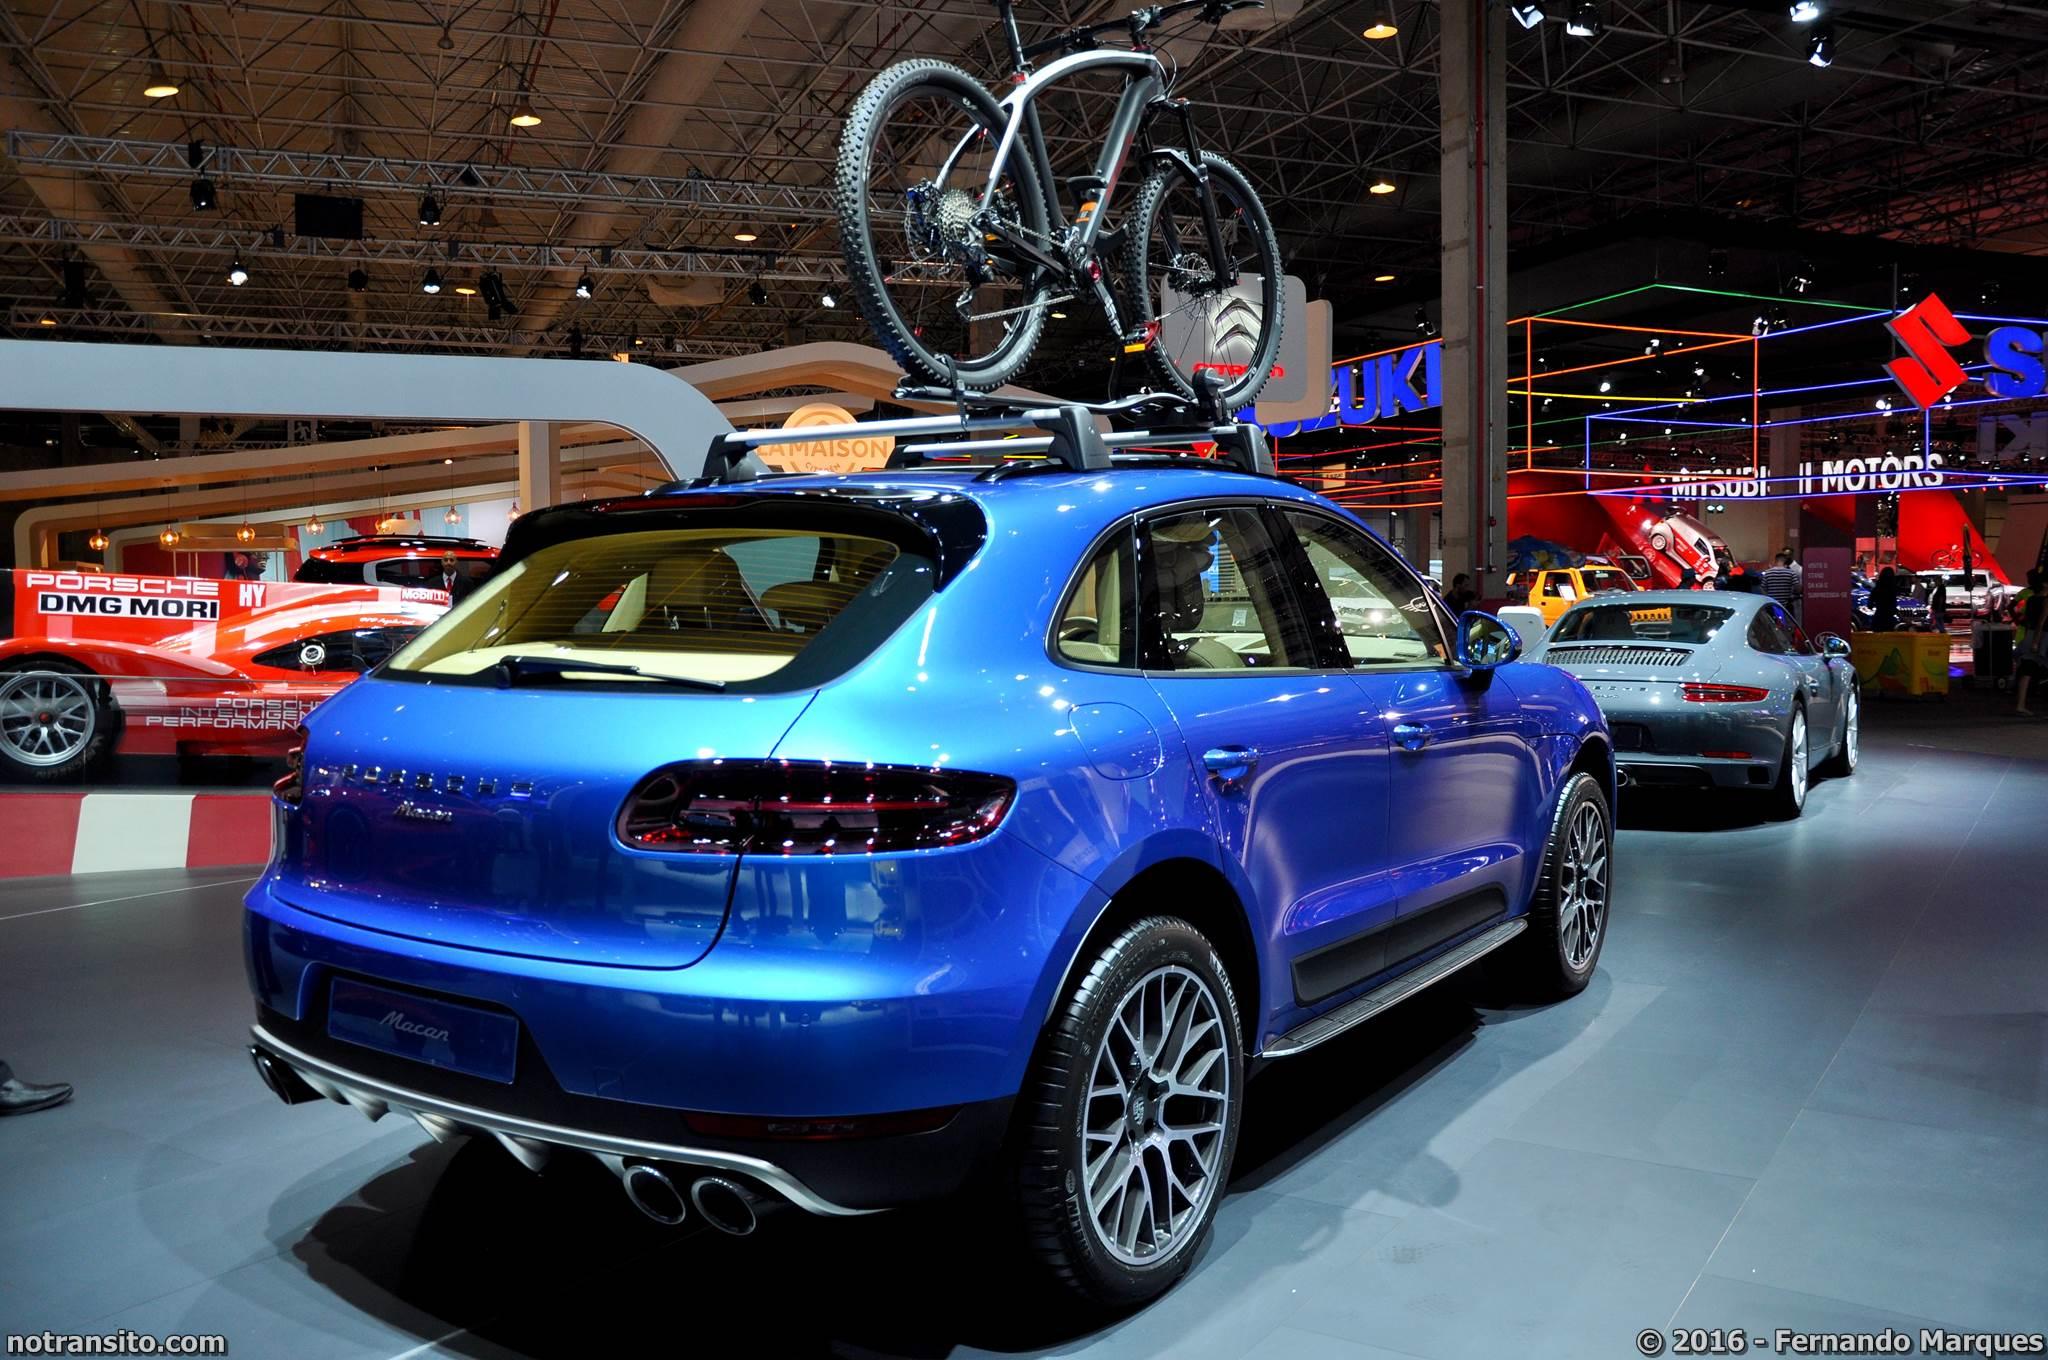 Porsche Macan S Sapphire Blue Metallic Salão do Automóvel 2016